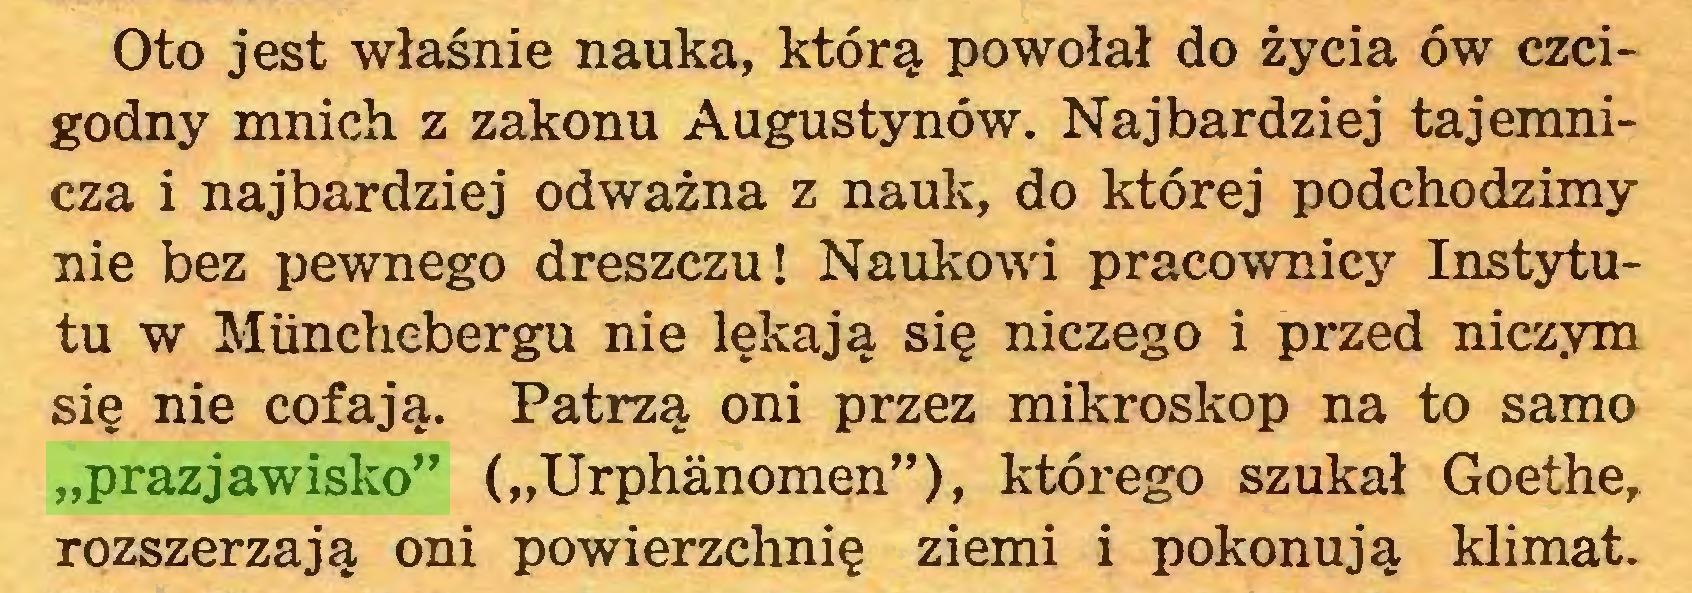 """(...) Oto jest właśnie nauka, którą powołał do życia ów czcigodny mnich z zakonu Augustynów. Najbardziej tajemnicza i najbardziej odważna z nauk, do której podchodzimy nie bez pewnego dreszczu! Naukowi pracownicy Instytutu w Miinchebergu nie lękają się niczego i przed niczym się nie cofają. Patrzą oni przez mikroskop na to samo """"prazjawisko"""" (""""Urphanomen""""), którego szukał Goethe, rozszerzają oni powierzchnię ziemi i pokonują klimat..."""